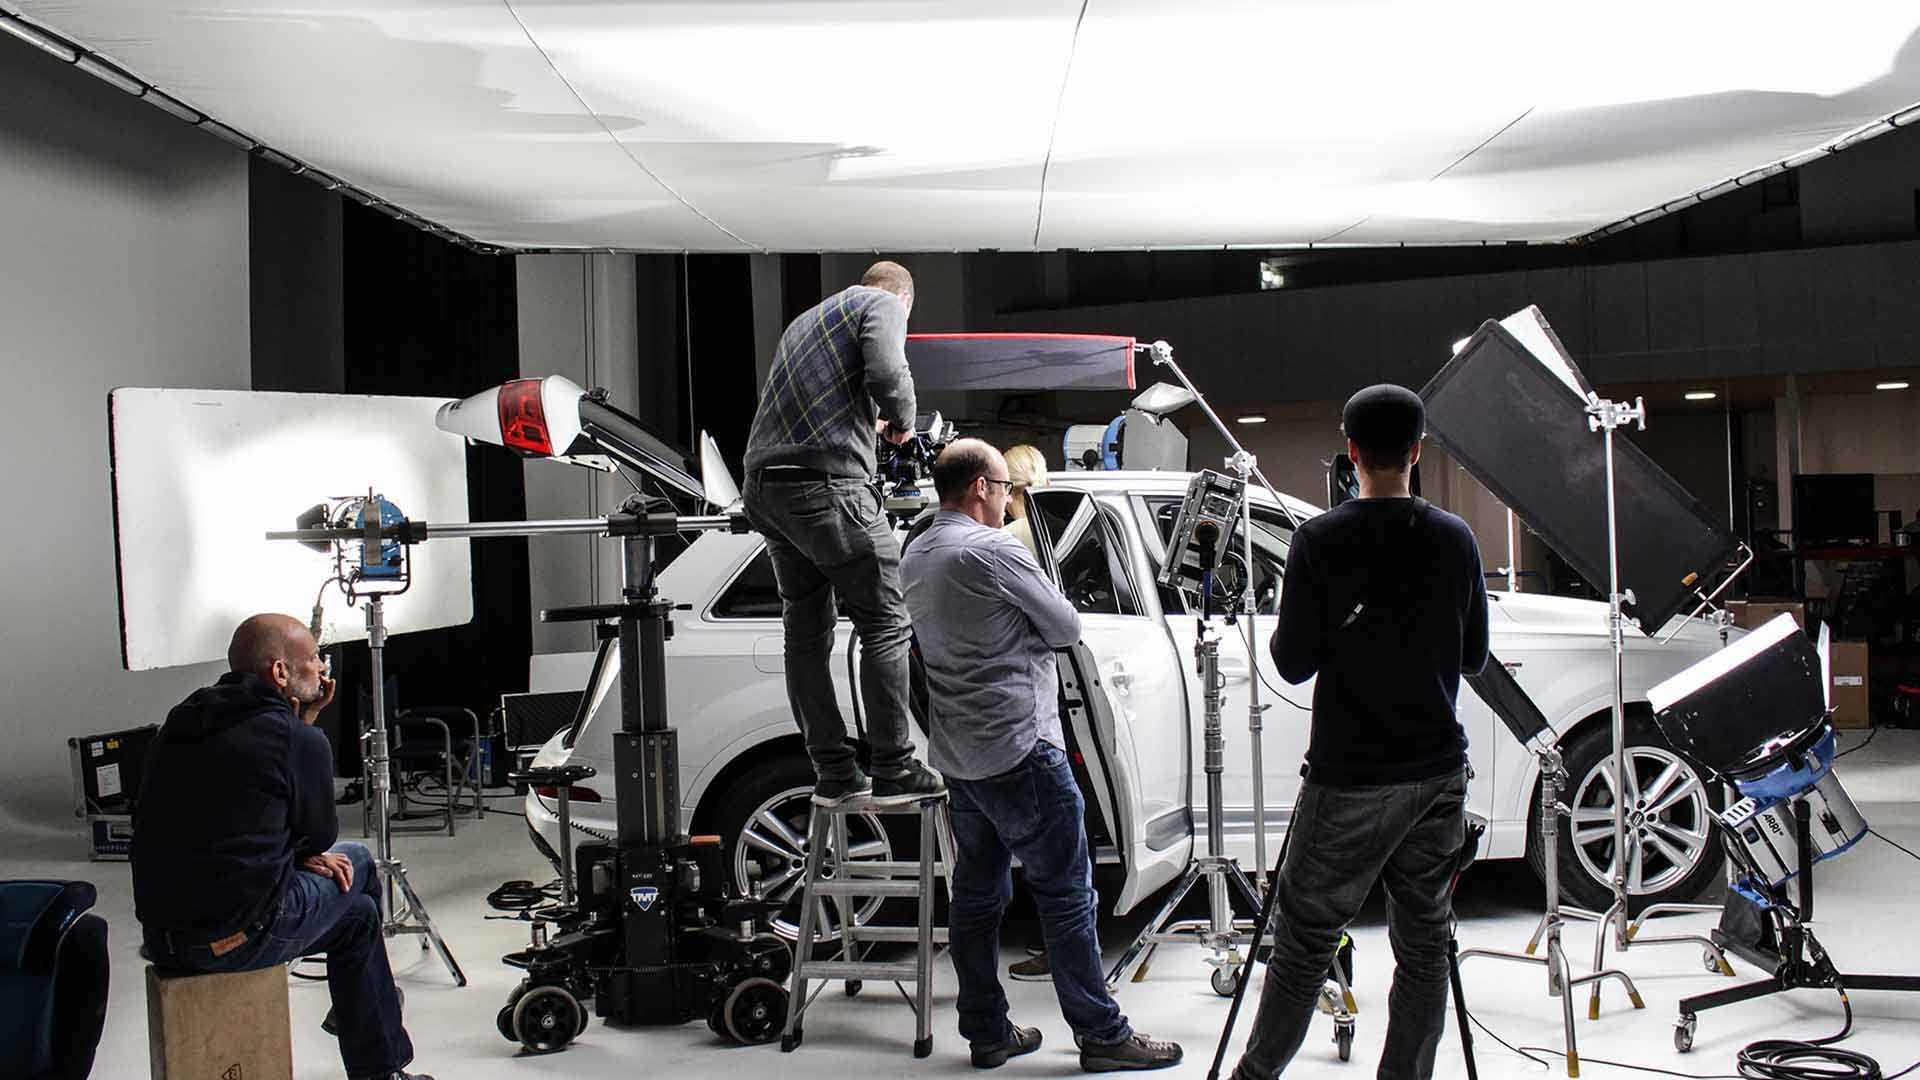 Das Bild zeigt ein weißes Auto. Es steht in einem Raum auf einer Leinwand. Um das Auto herum stehen viele Männer. Sie filmen das Auto. Über dem Auto hängt ein Licht. Das Bild dient als Sliderbild für den Portfolioeintrag RECARO Child Safety – Einbaufilme von Panda Pictures.